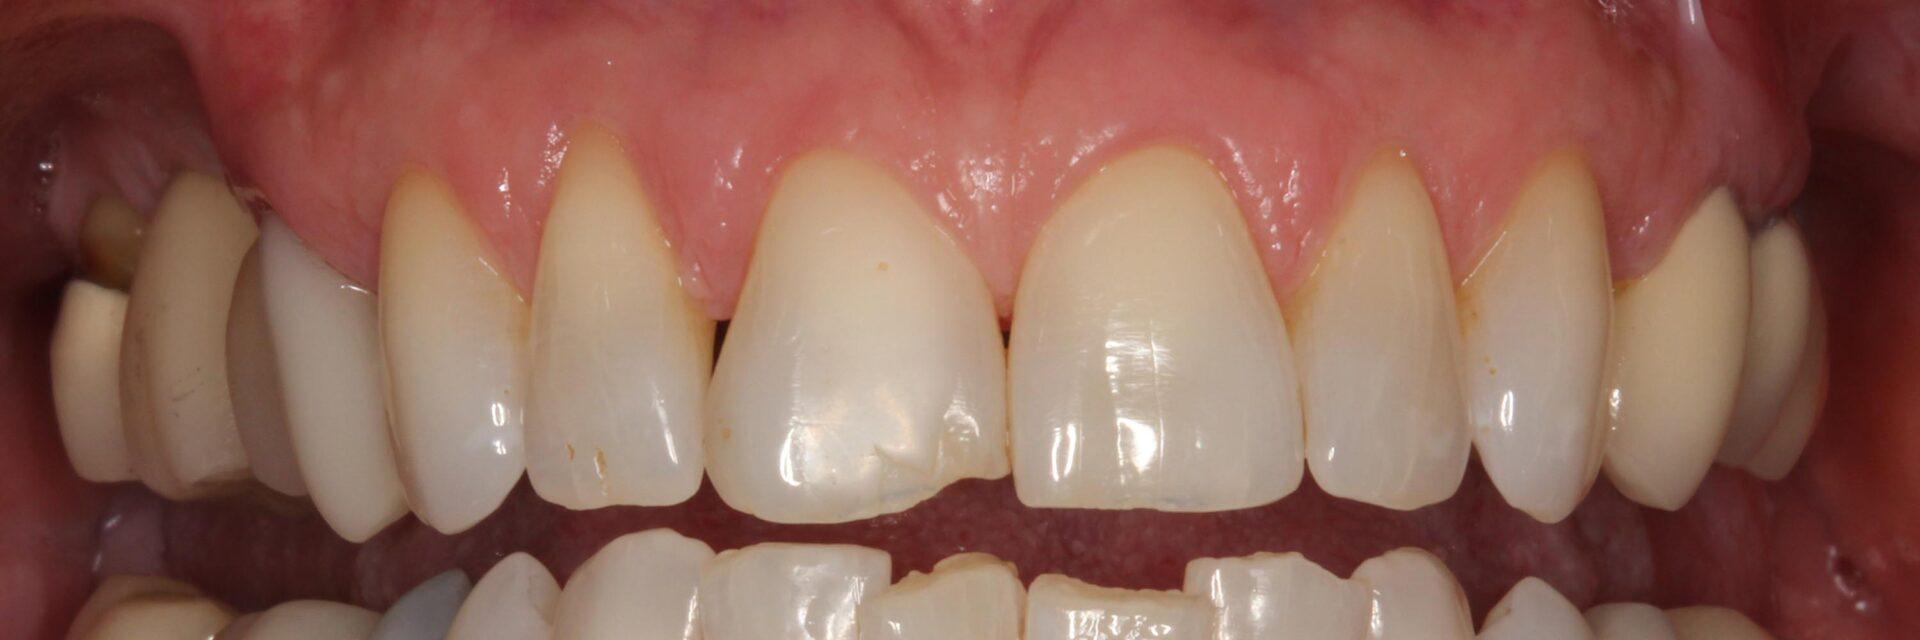 Teeth that needs crown restorations